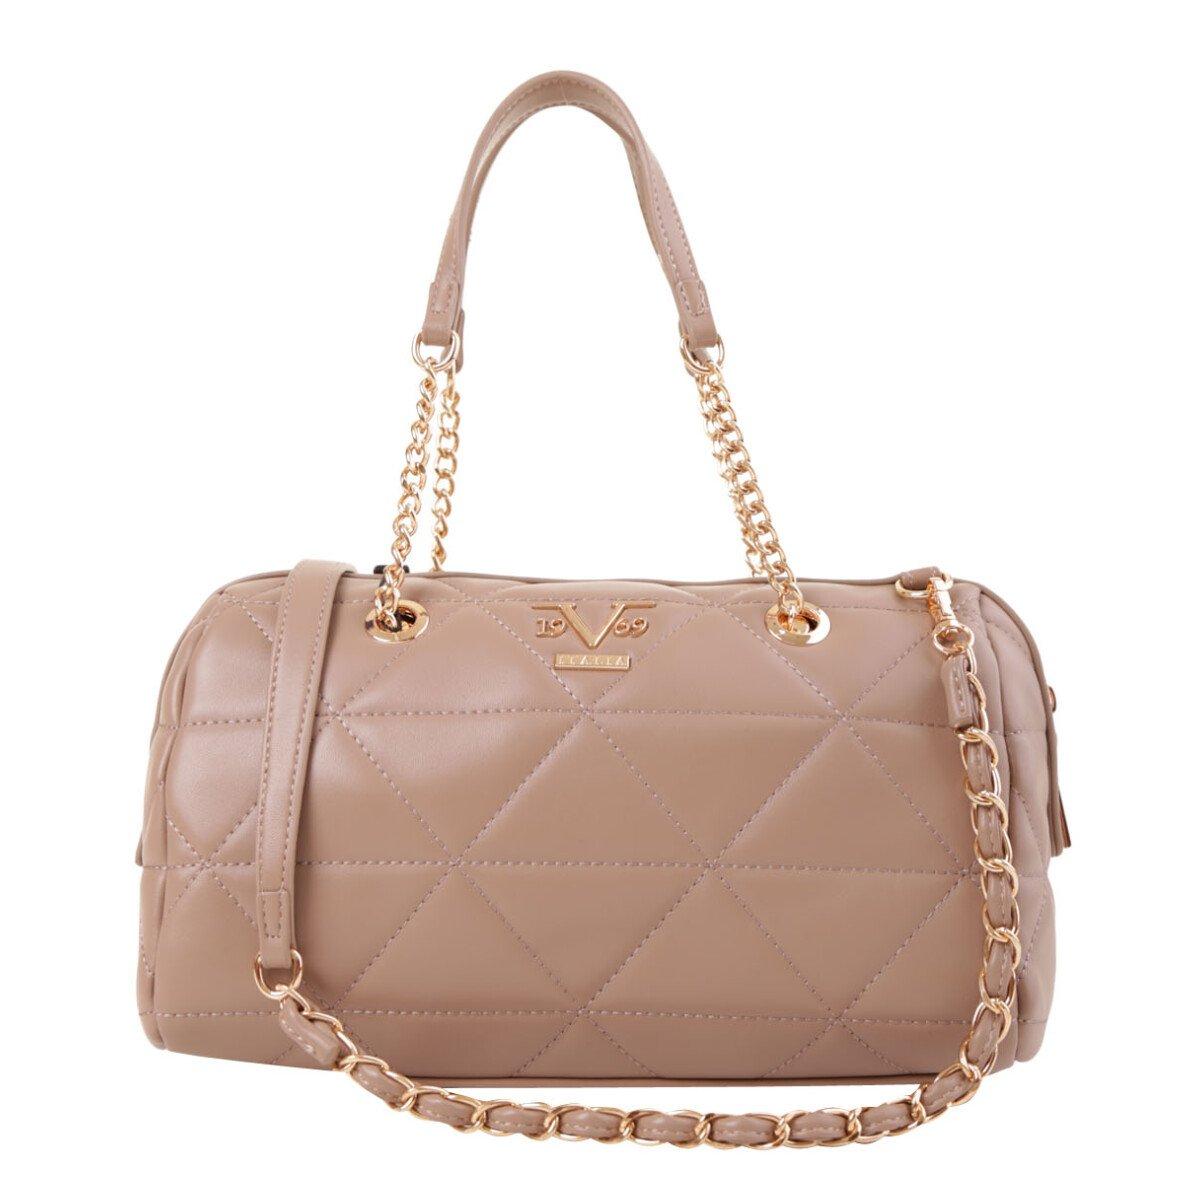 19v69 Italia Women's Handbag Various Colours 319004 - beige UNICA